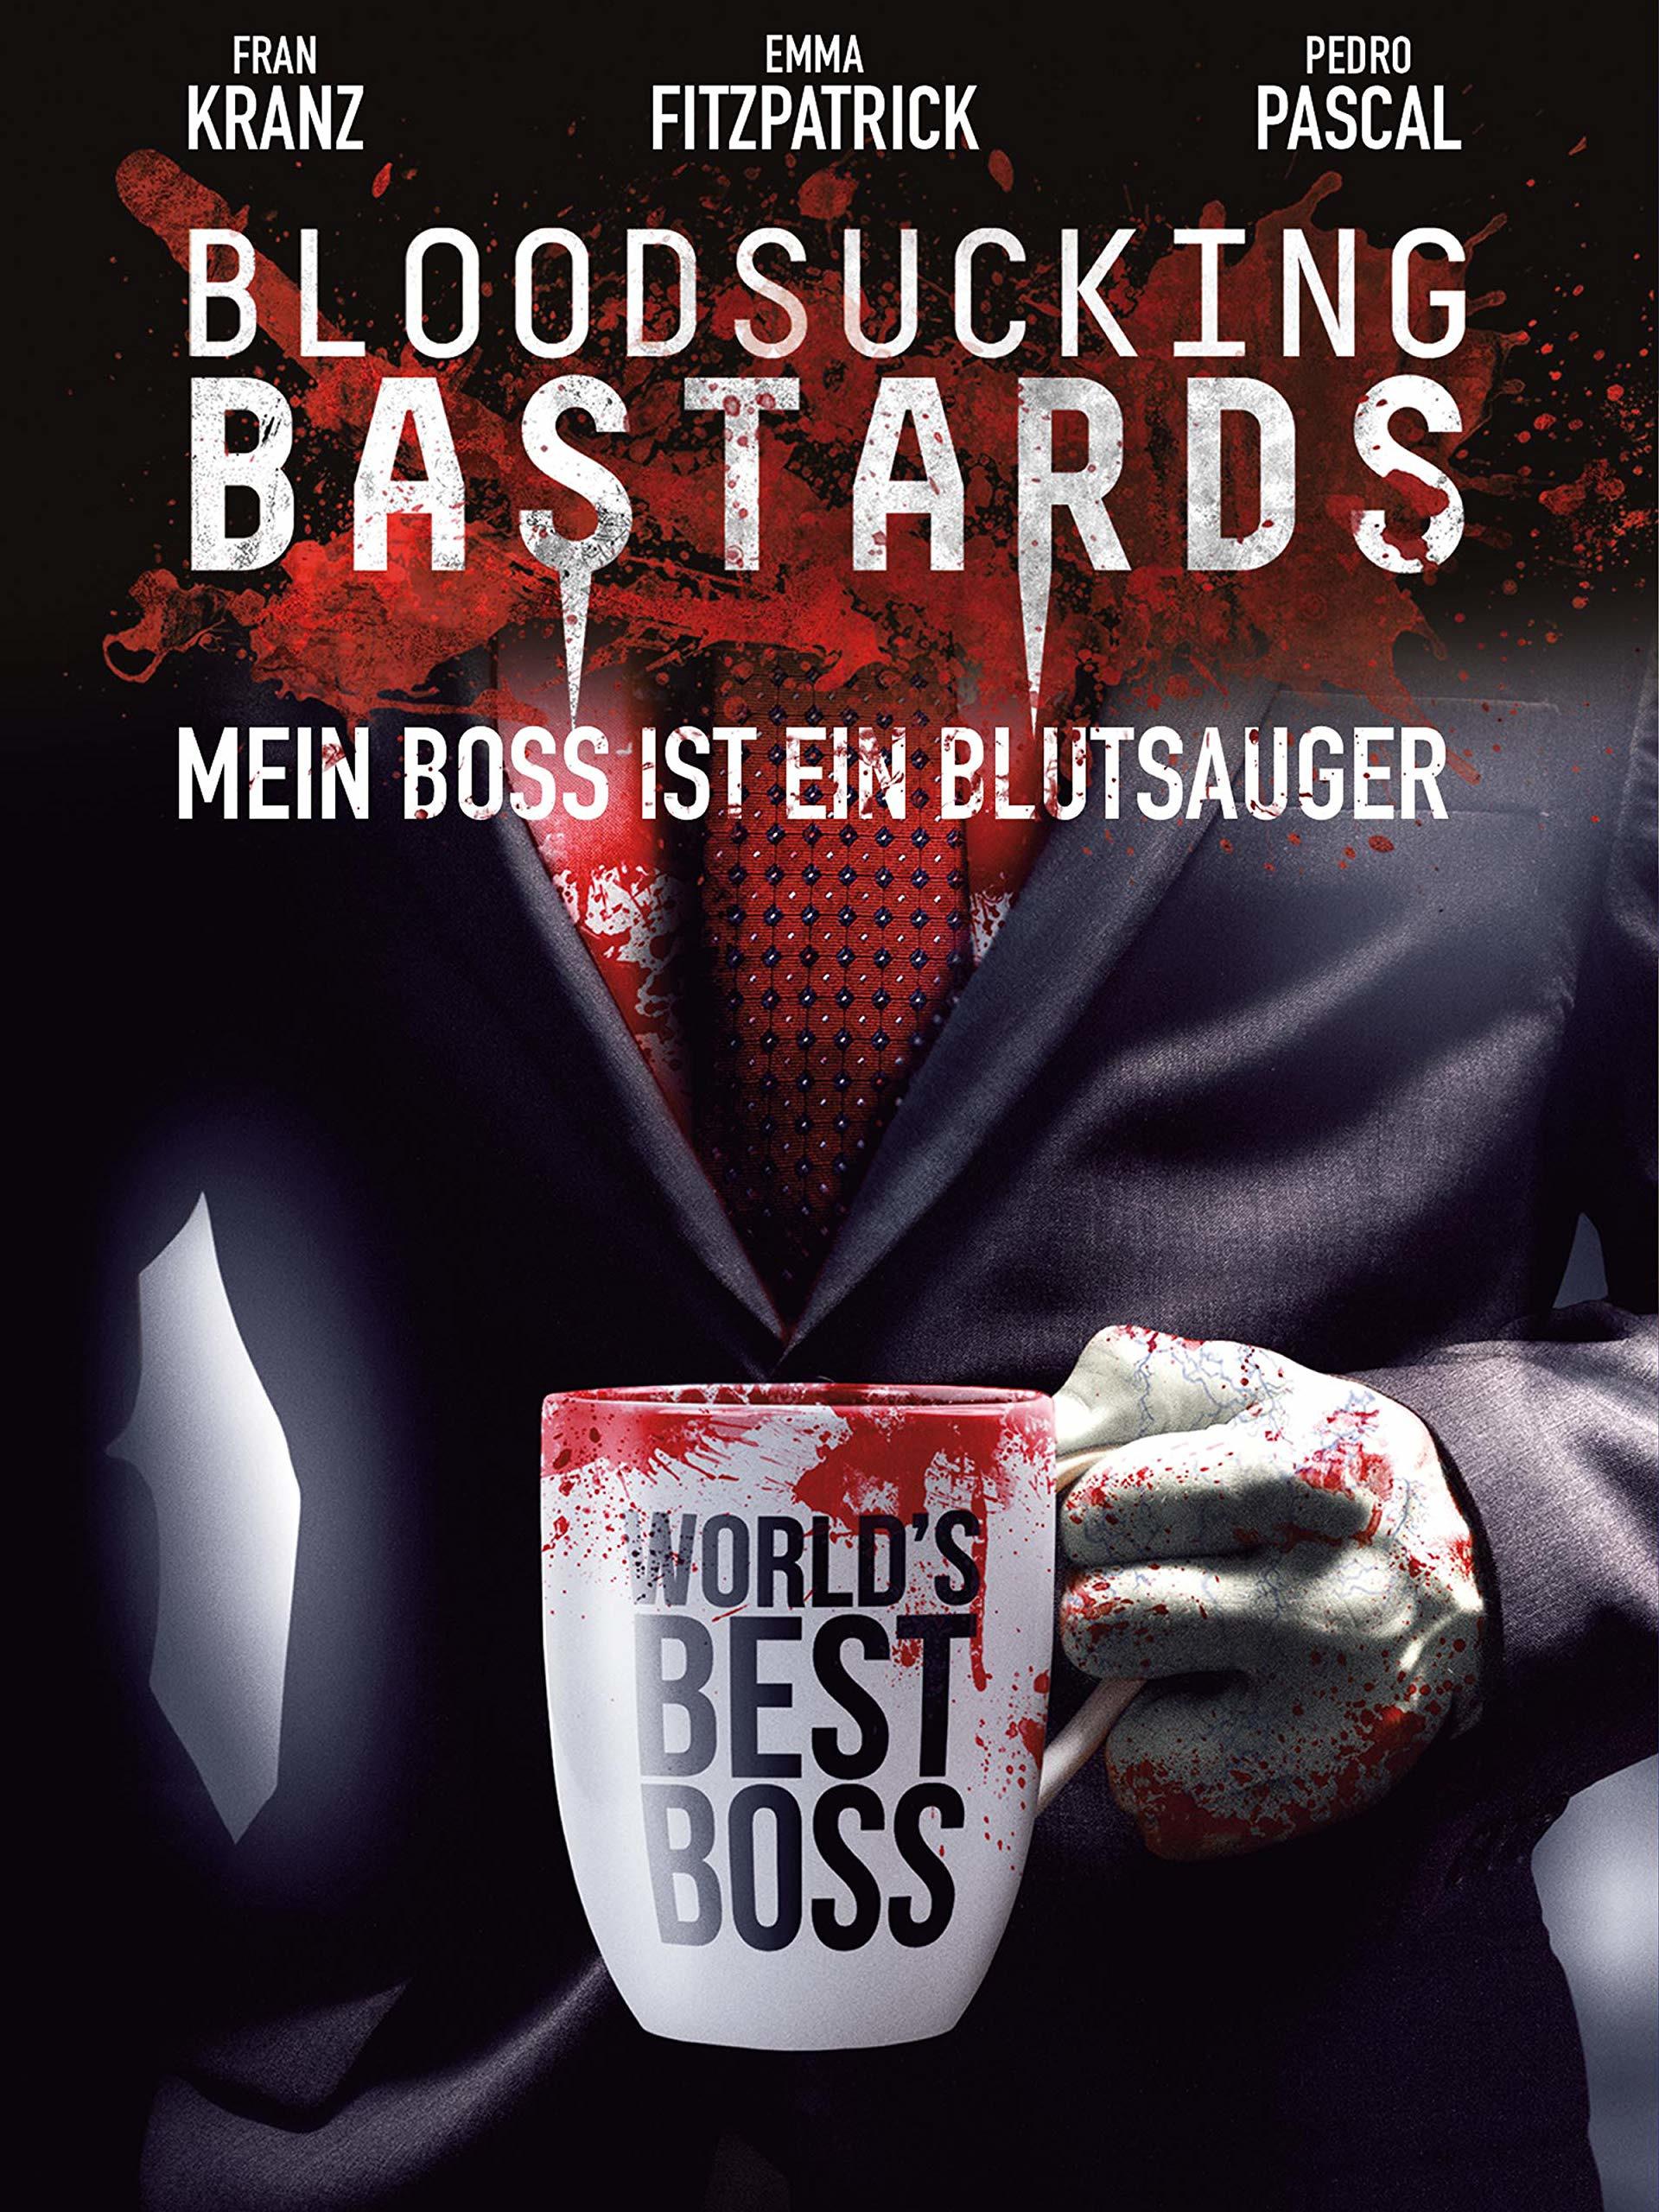 Bloodsucking Bastards - Mein Boss ist ein Blutsauger